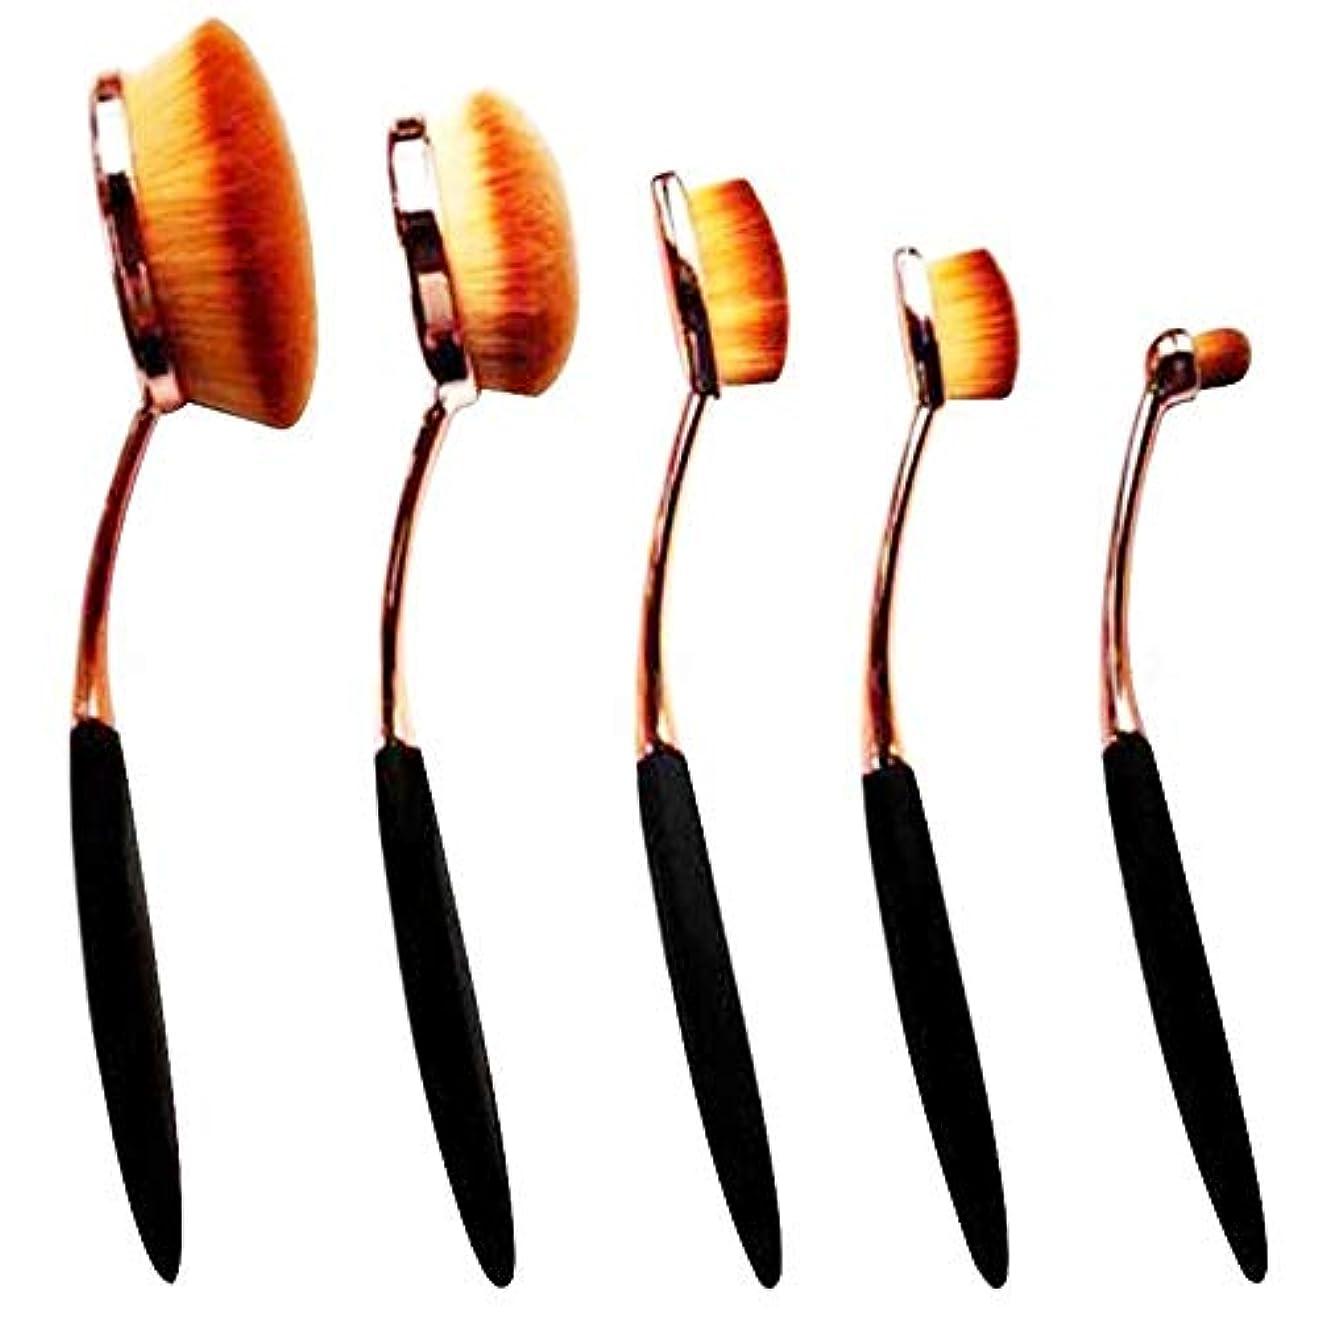 ベーリング海峡どきどき人間5個 専用 化粧ブラシ 歯ブラシ型 高級繊維毛 ファンデーションブラシ メイクブラシ メイクアップブラシ コスメ 化粧 ファンデーションブラシ